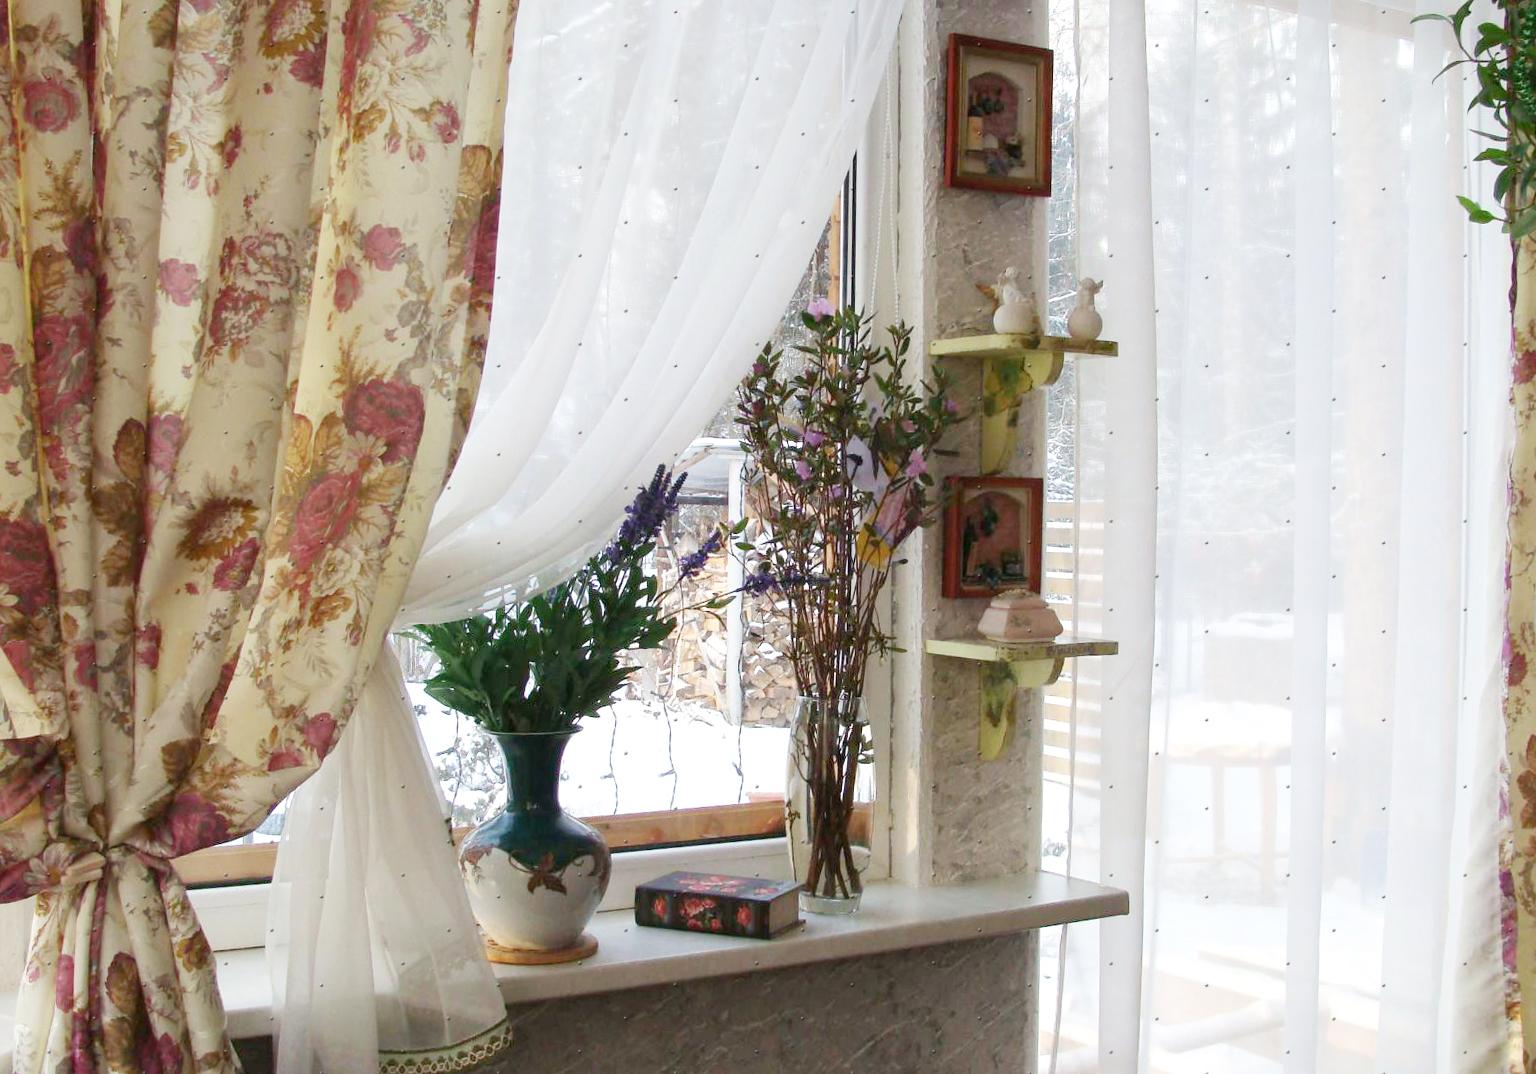 шторы в стиле кантри прованс фото перечислил его преимущества